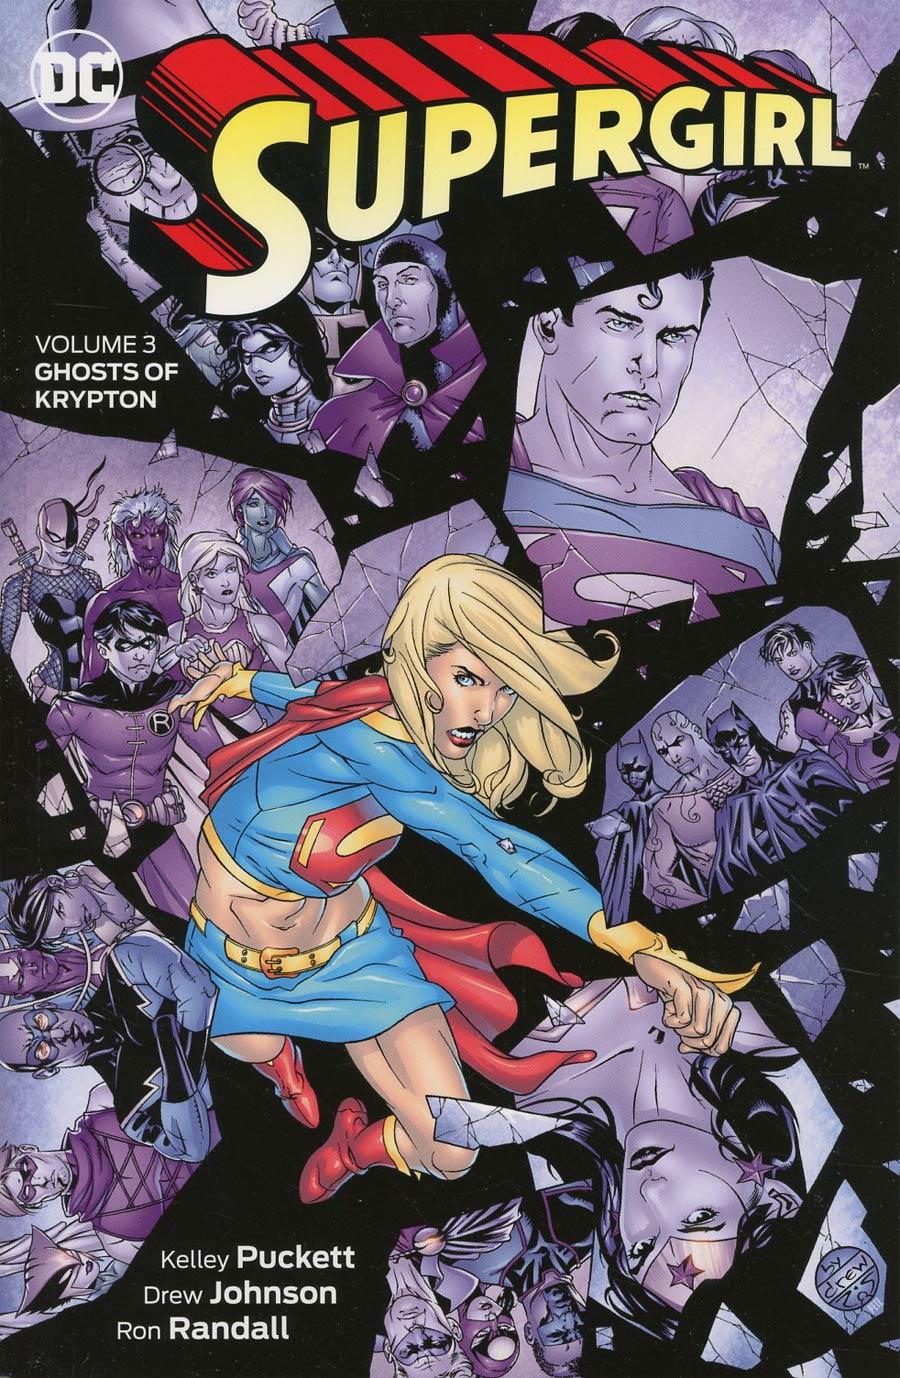 Supergirl Vol 3 Ghosts Of Krypton TP